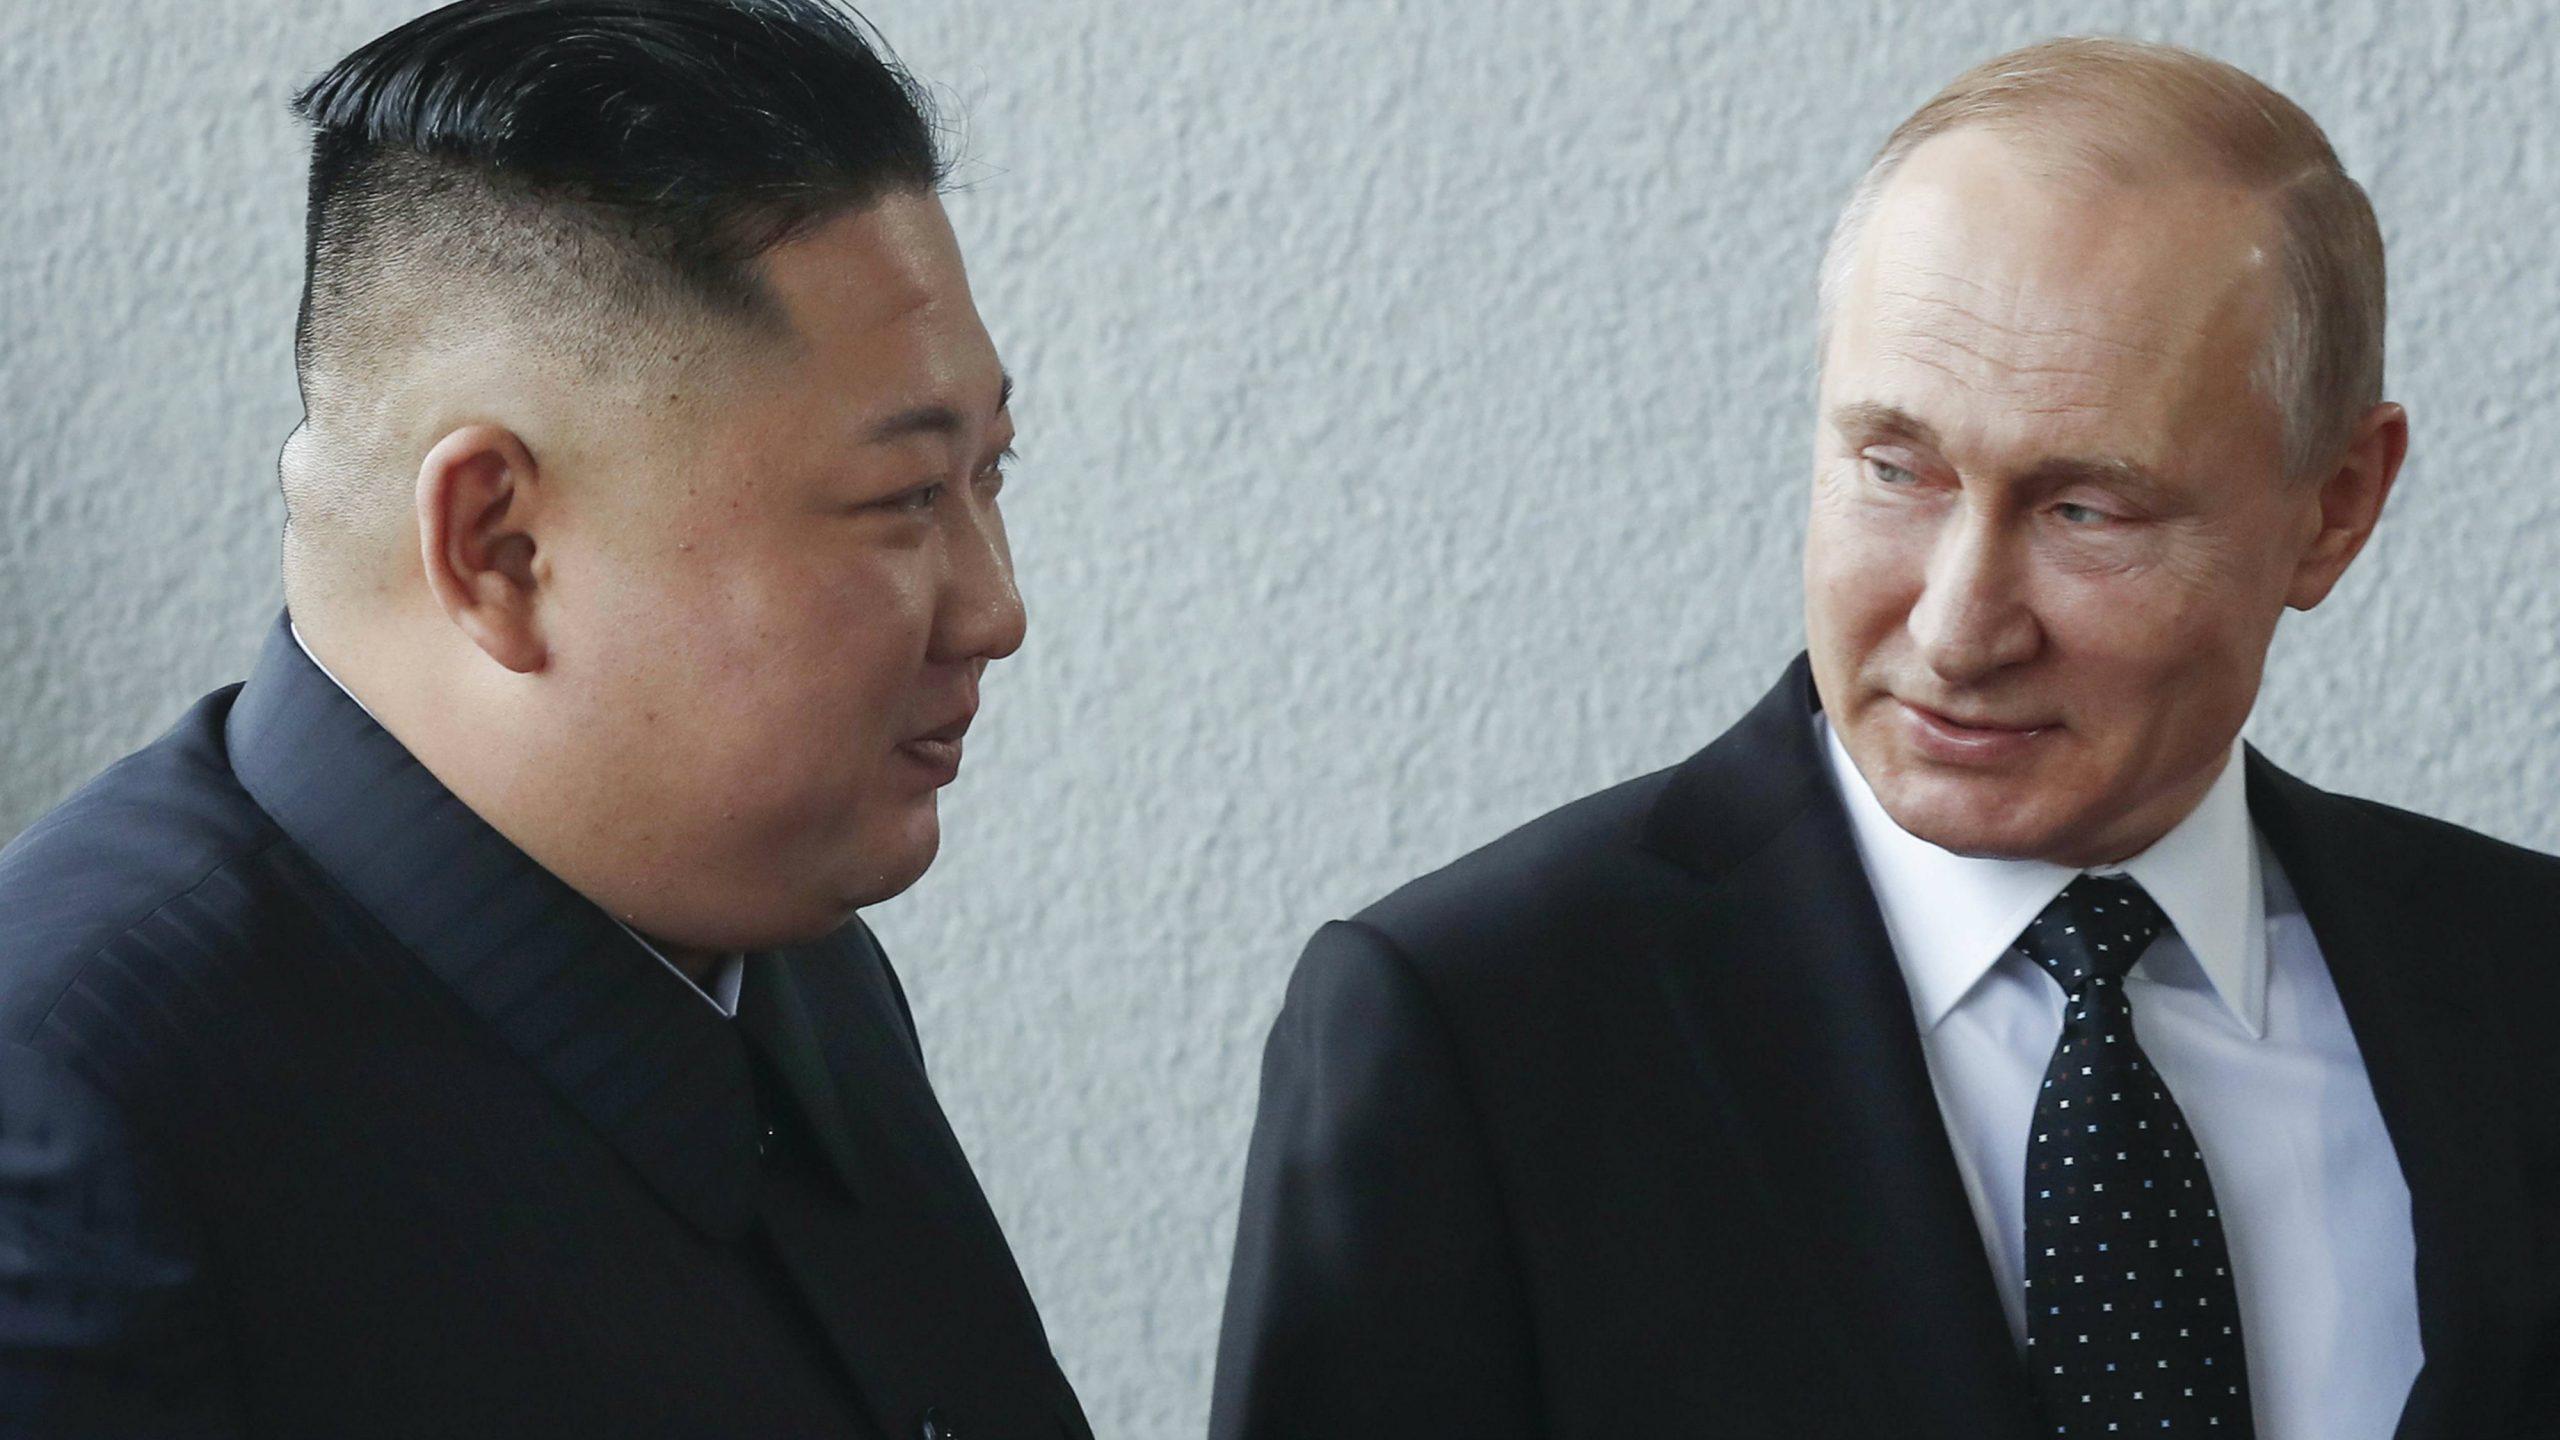 Kim Džong Un čestitao Putinu Dan pobede i poželeo uspeh protiv korona virusa 1